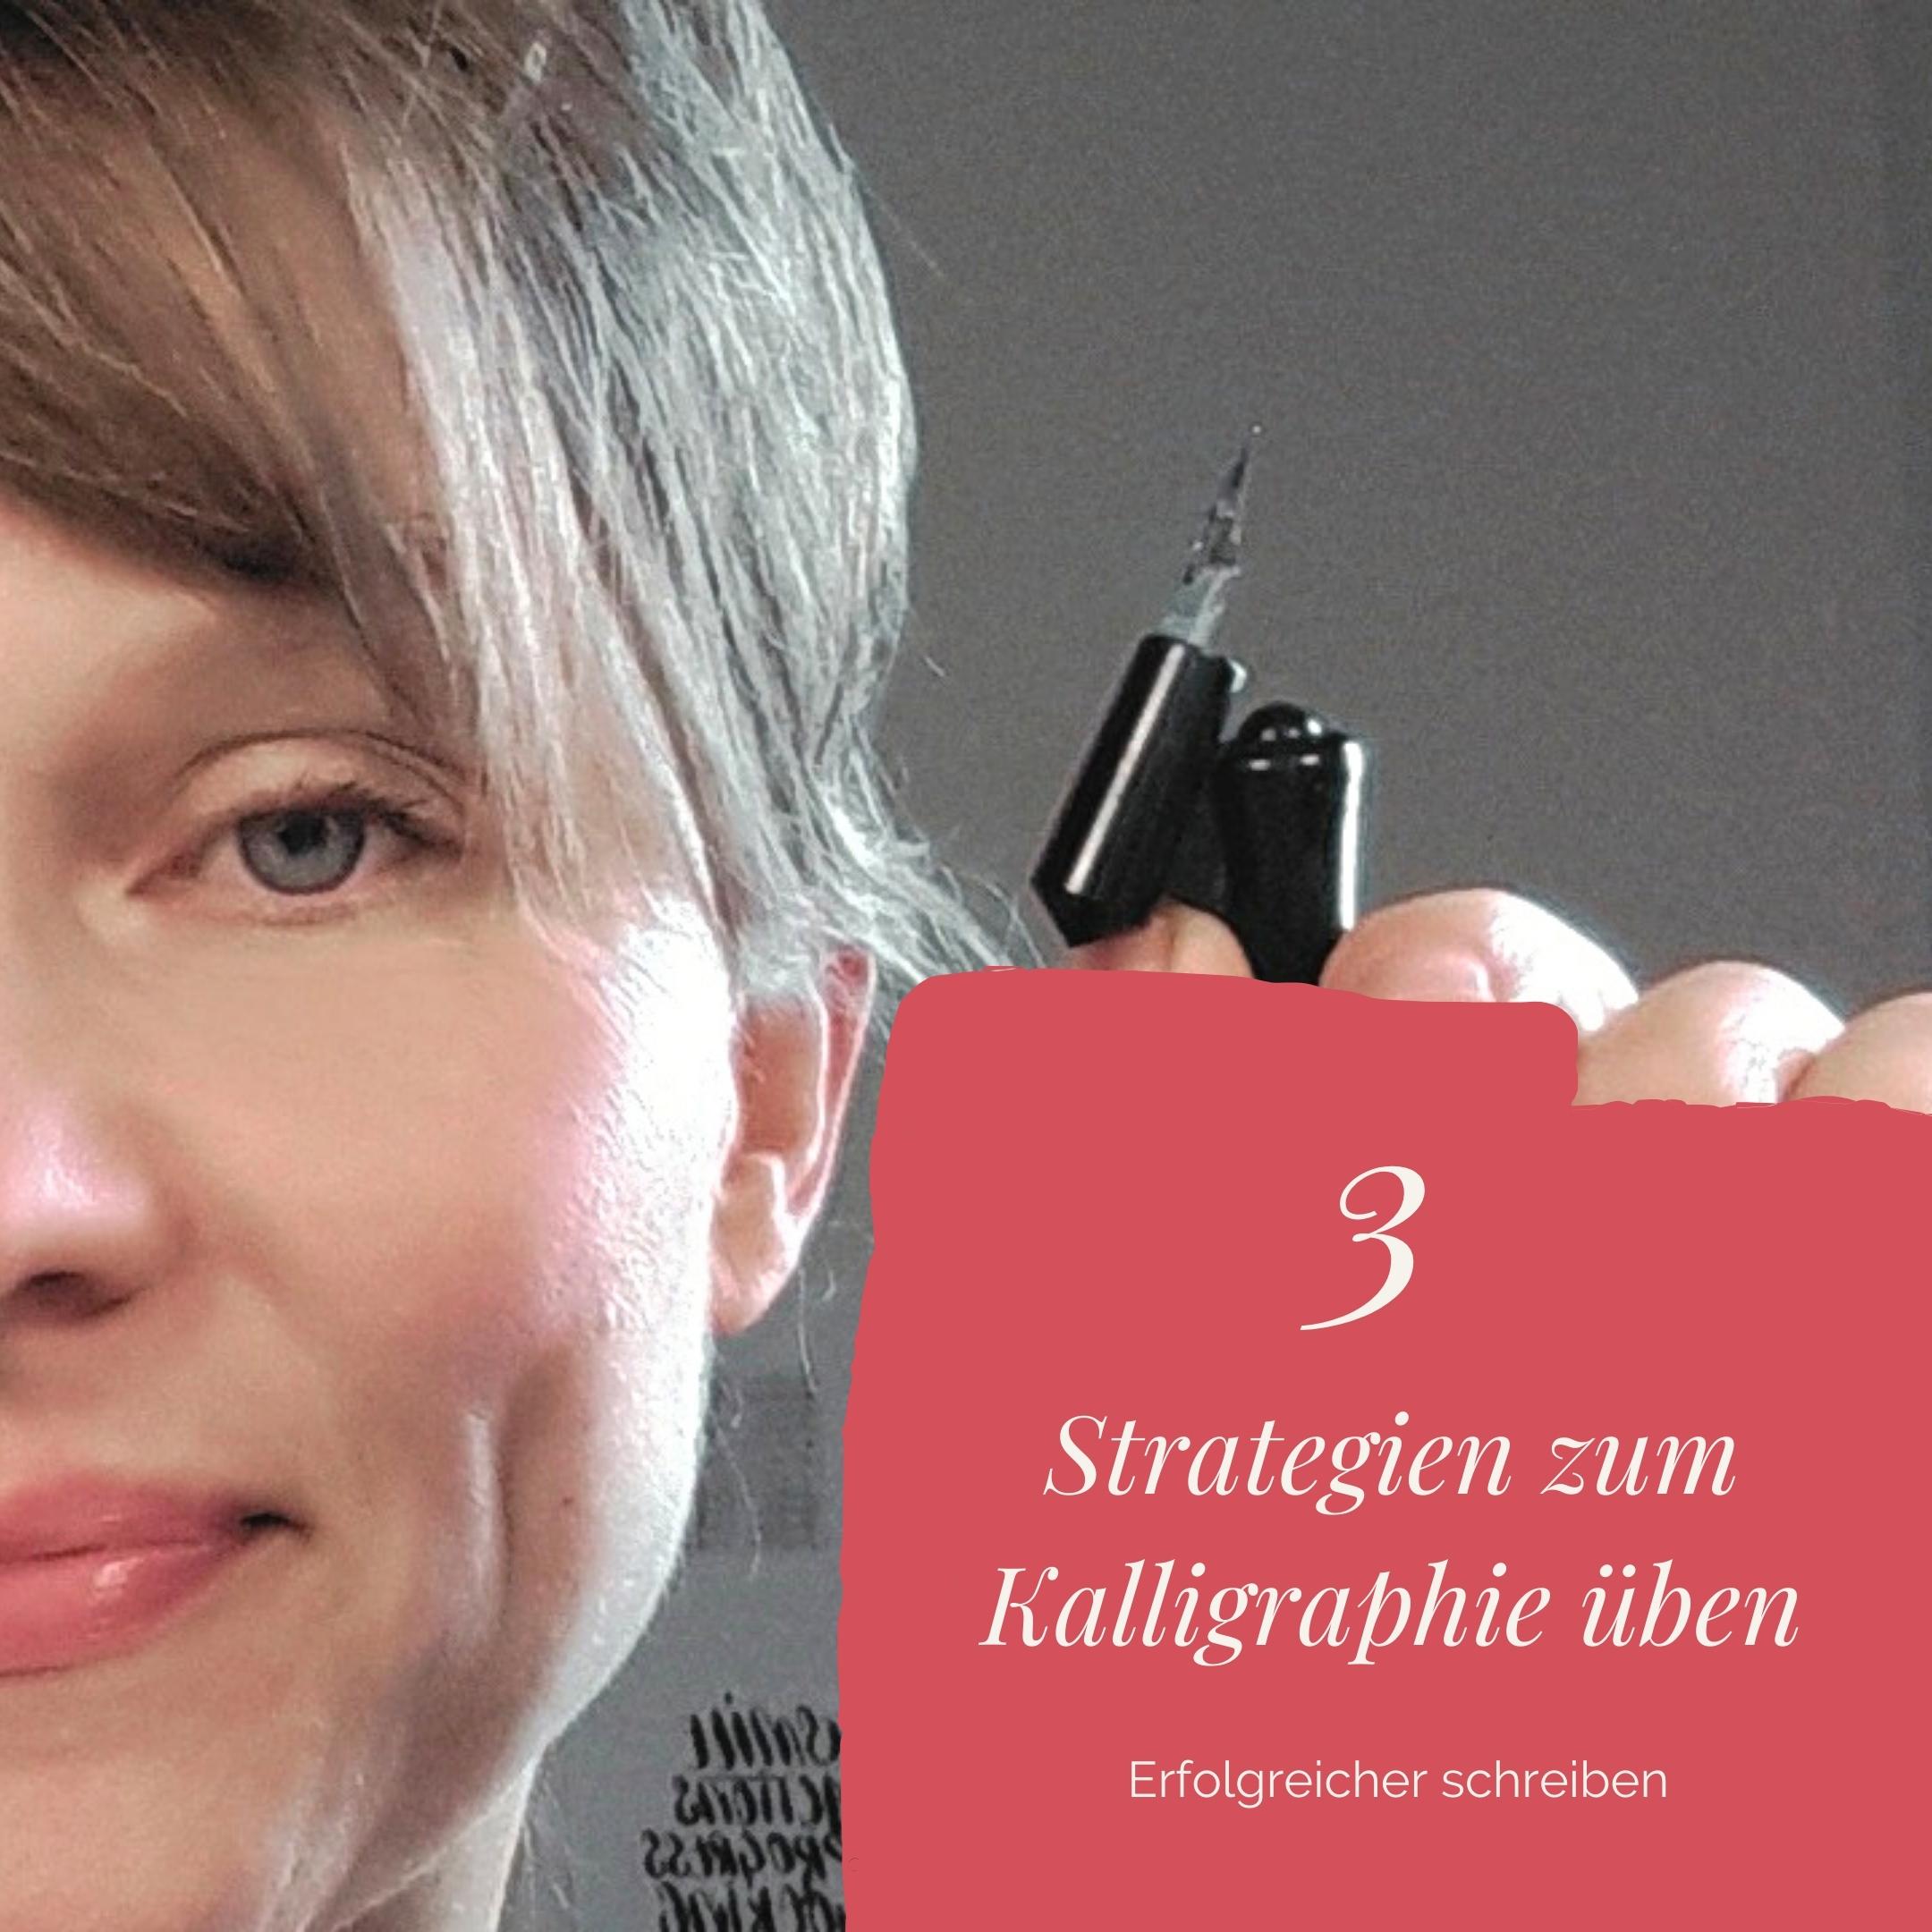 Kalligraphie lernen 3 Strategien für leichteres Üben irma link Blog Üben leicht gemacht